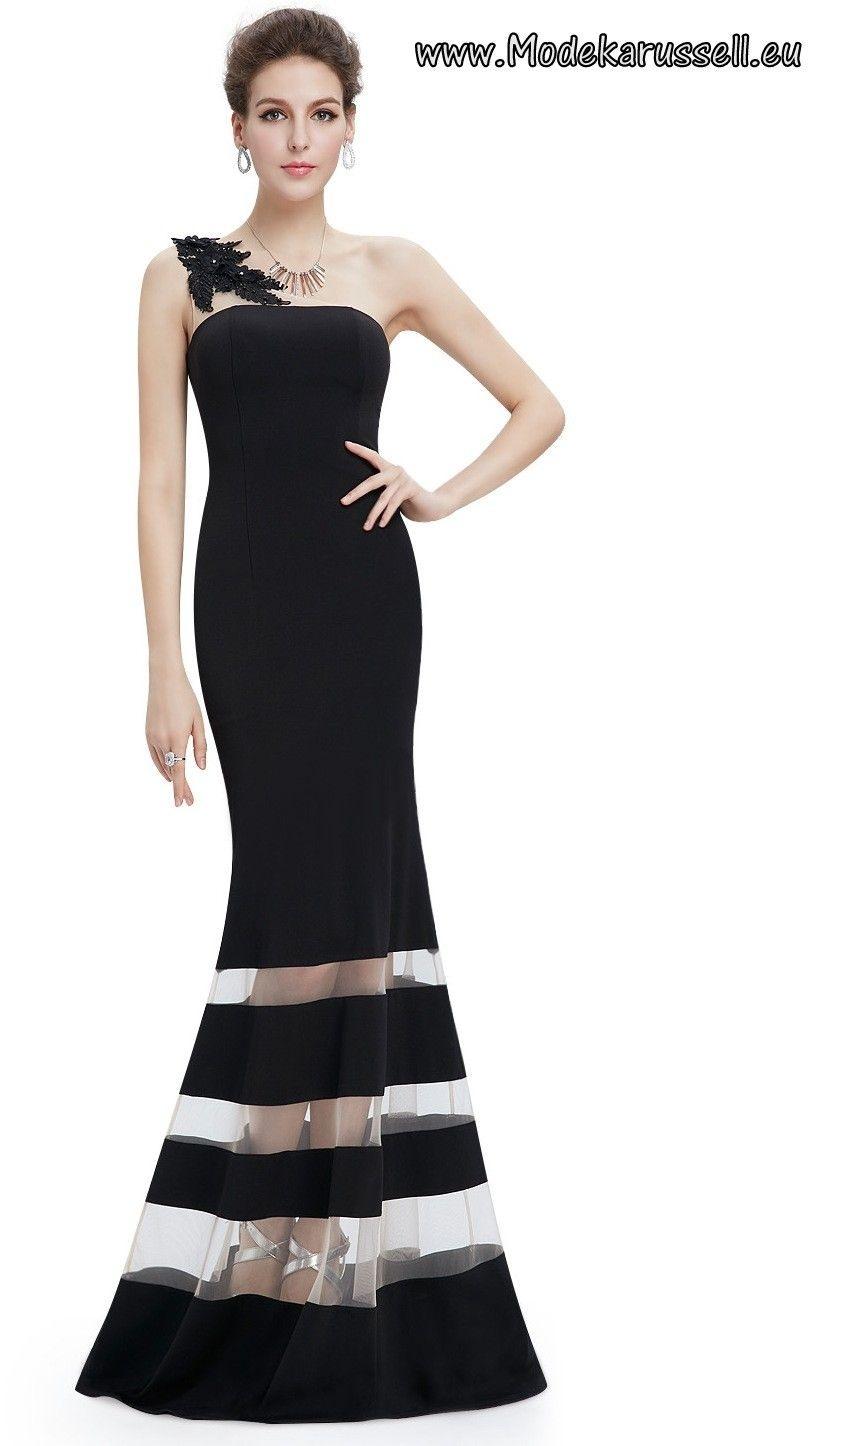 13 Luxus Abendmode Kleider für 201913 Elegant Abendmode Kleider Galerie